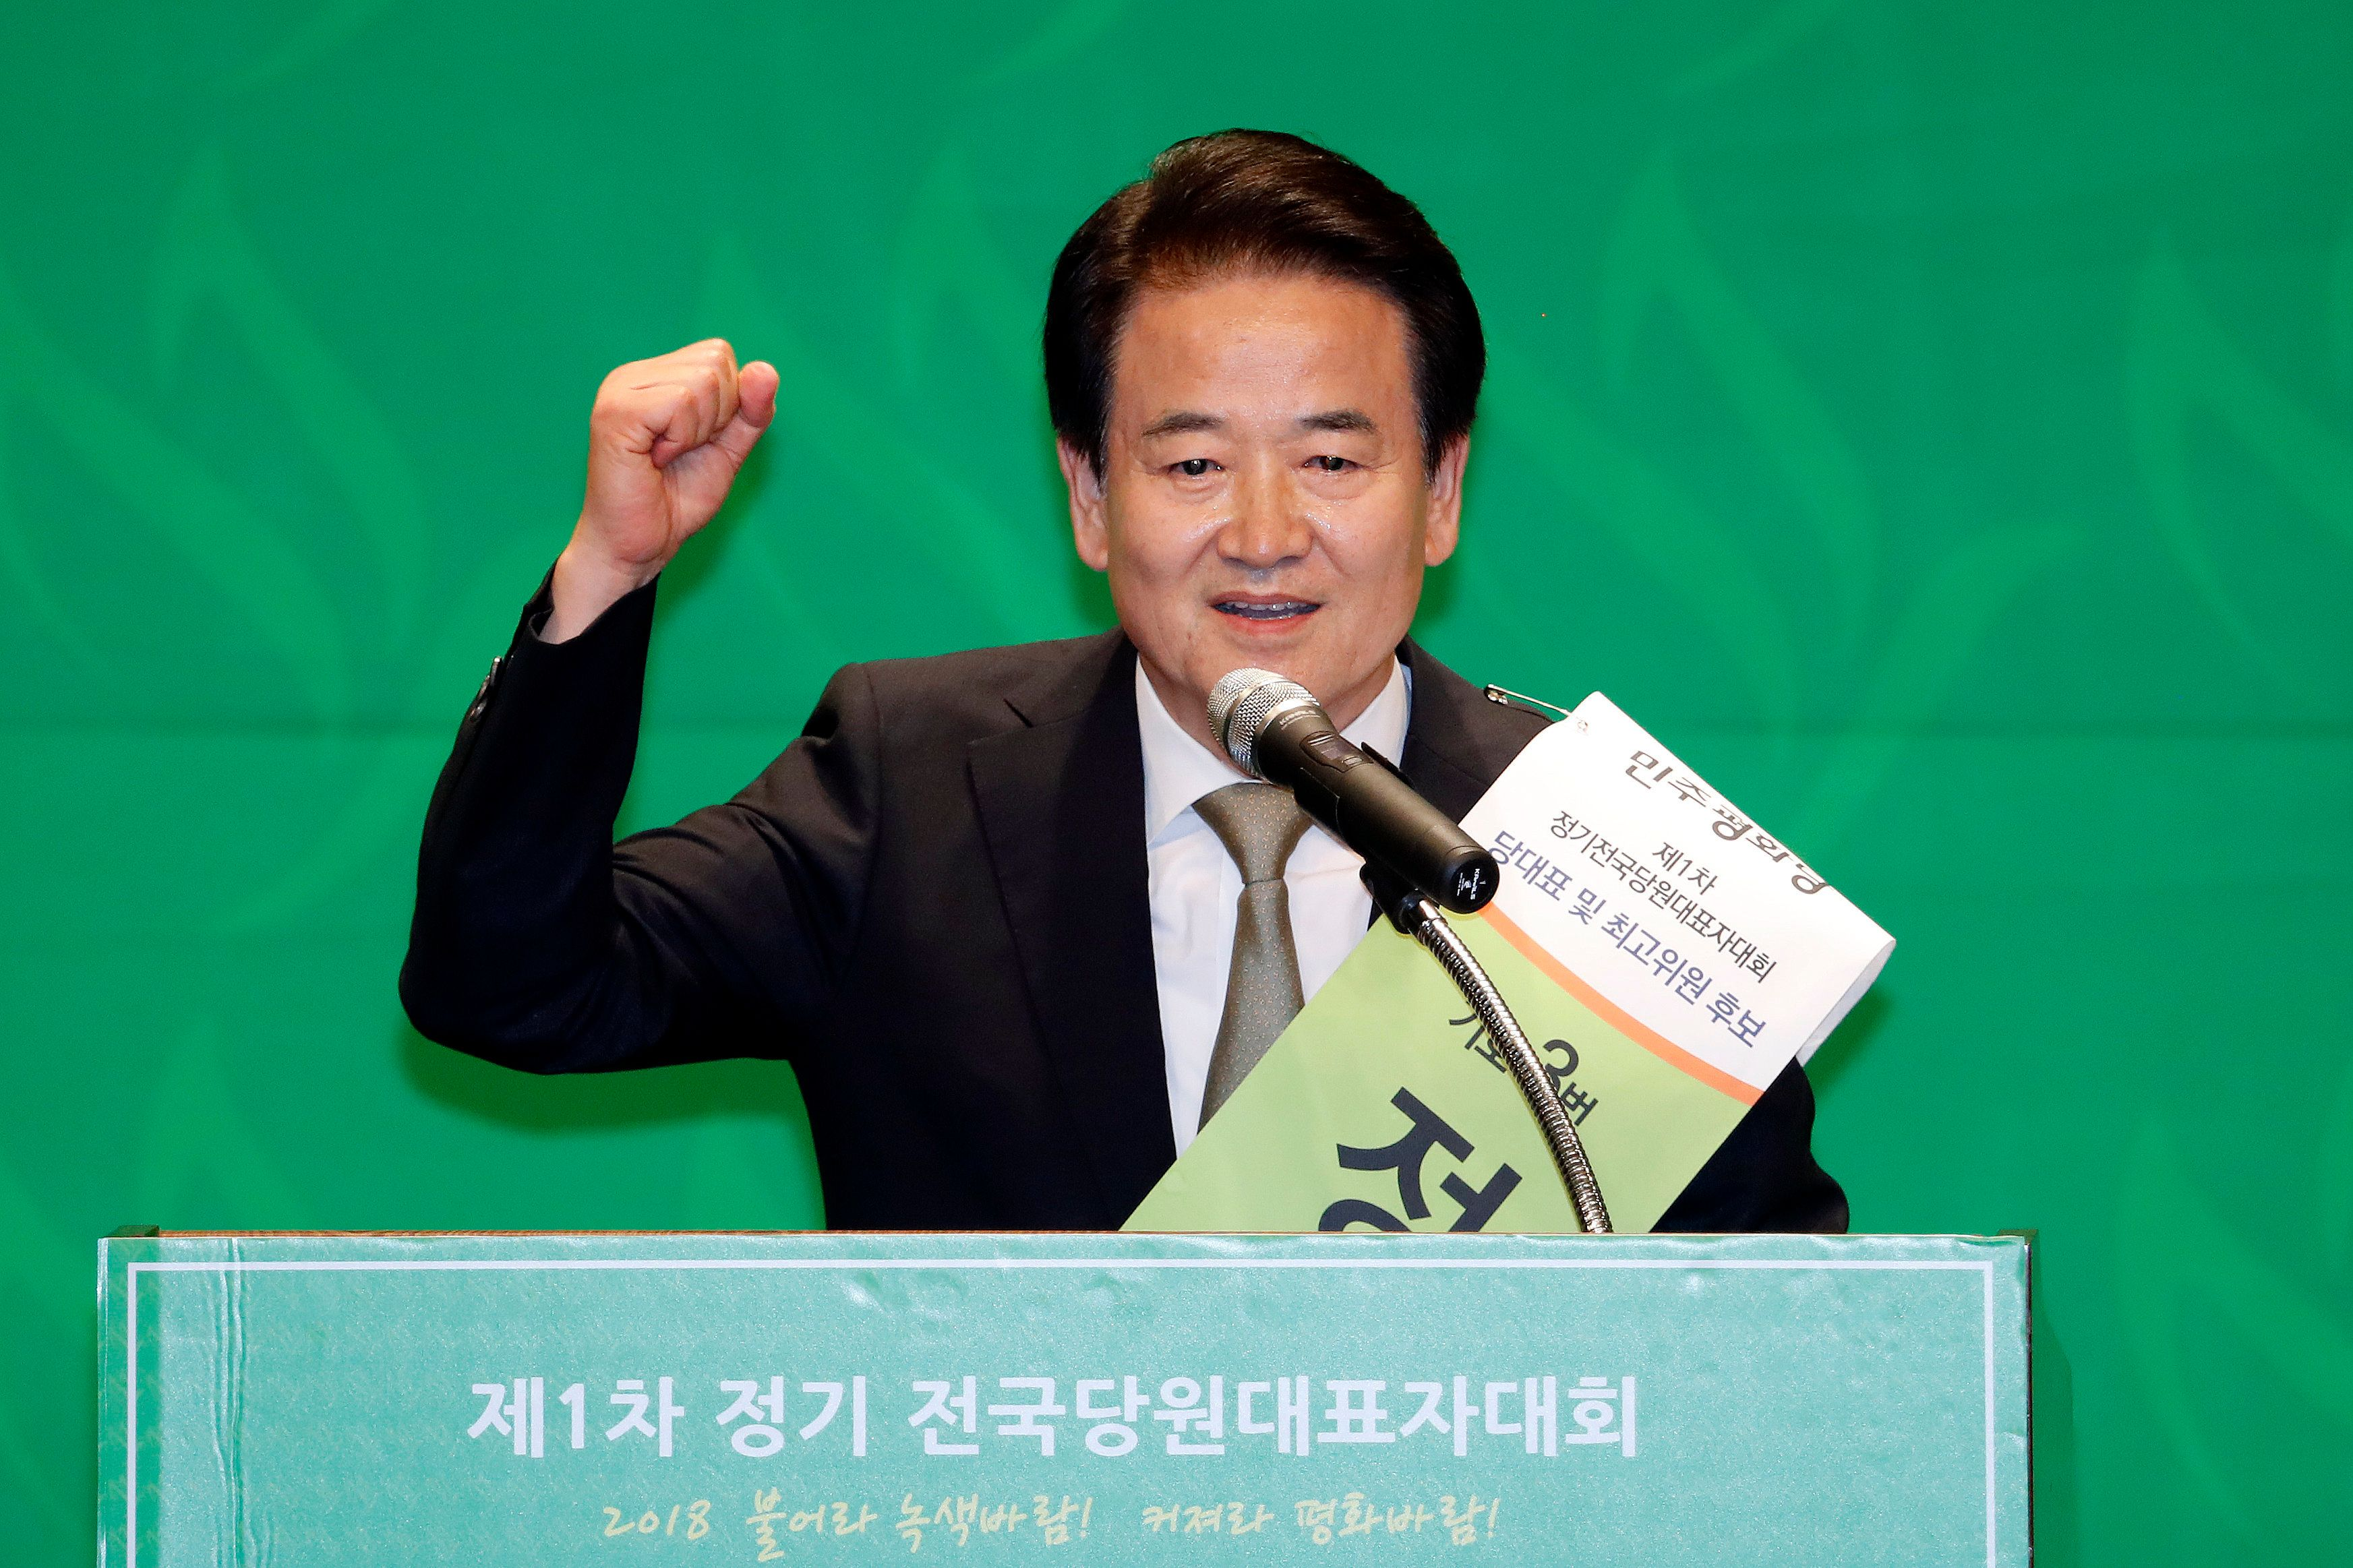 민주평화당 새 대표에 당선된 정동영이 밝힌